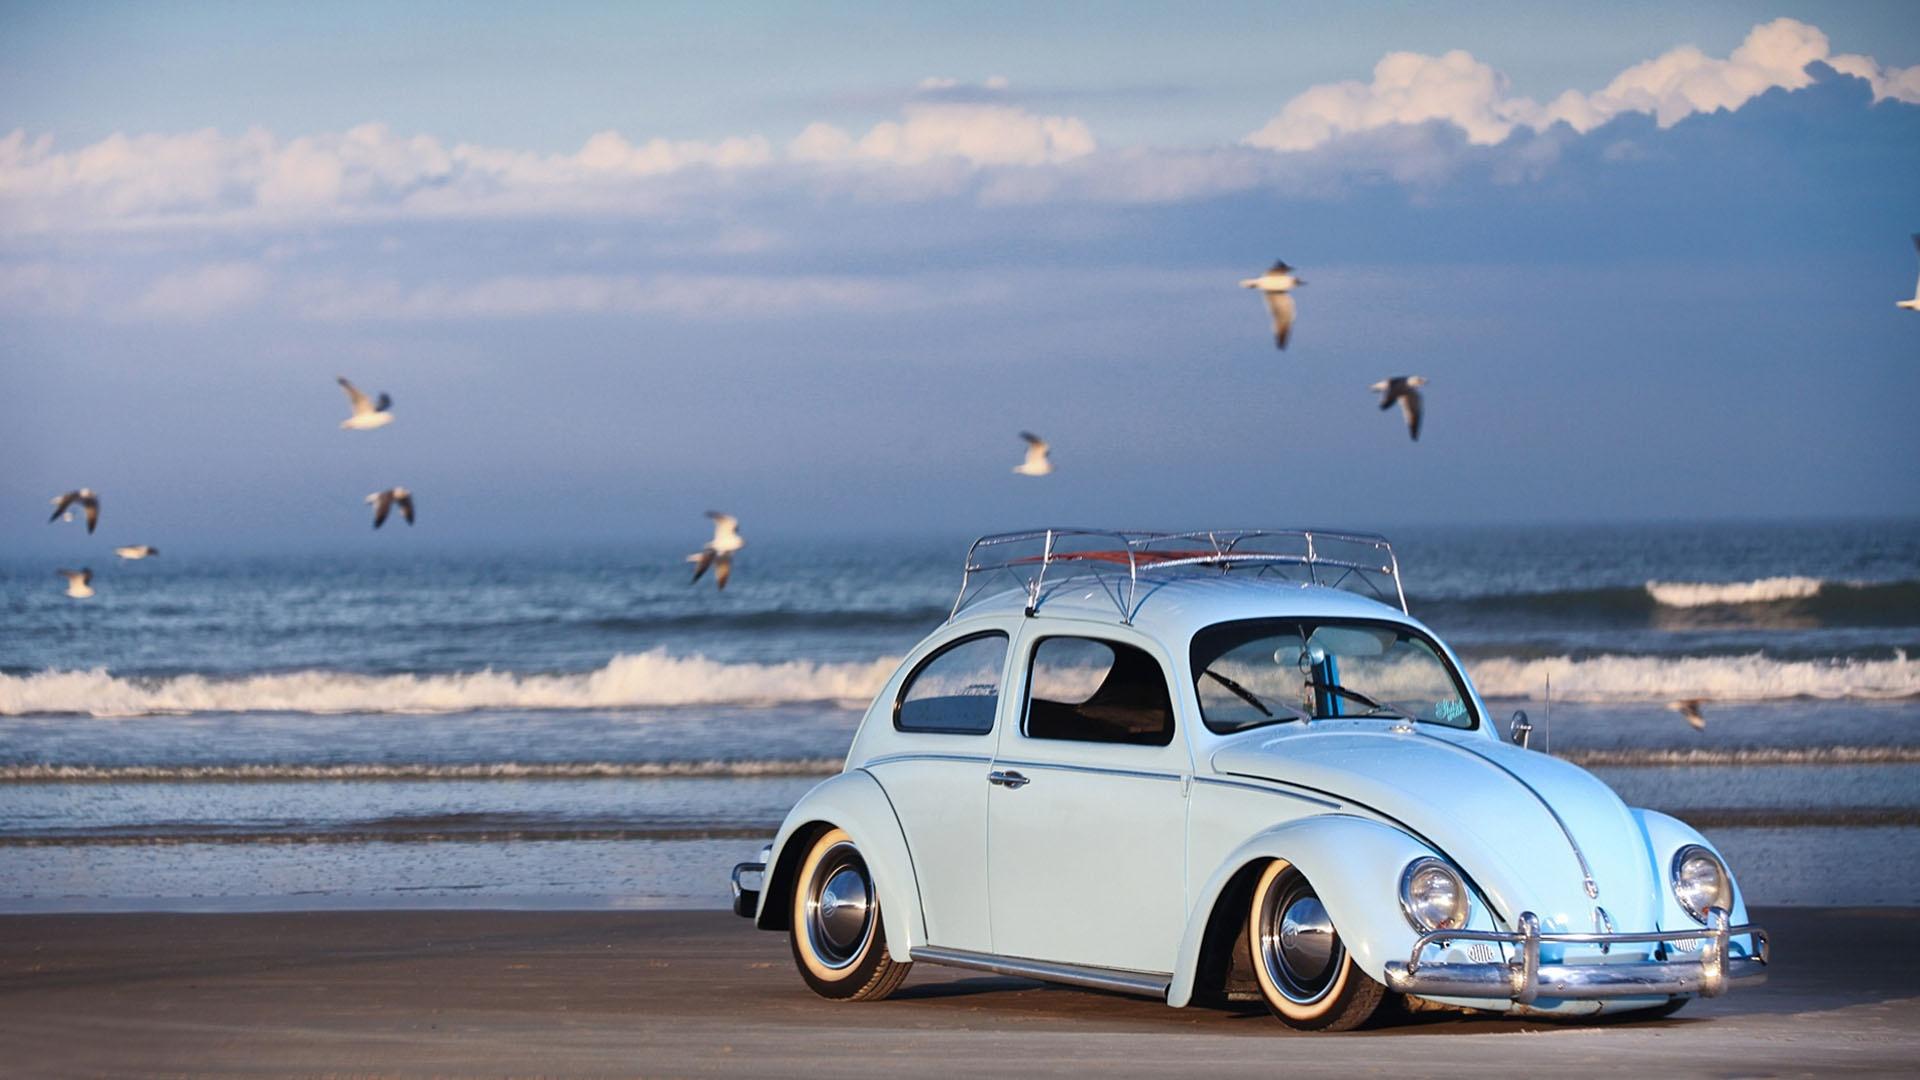 Volkswagen Beetle Vw Wallpaper